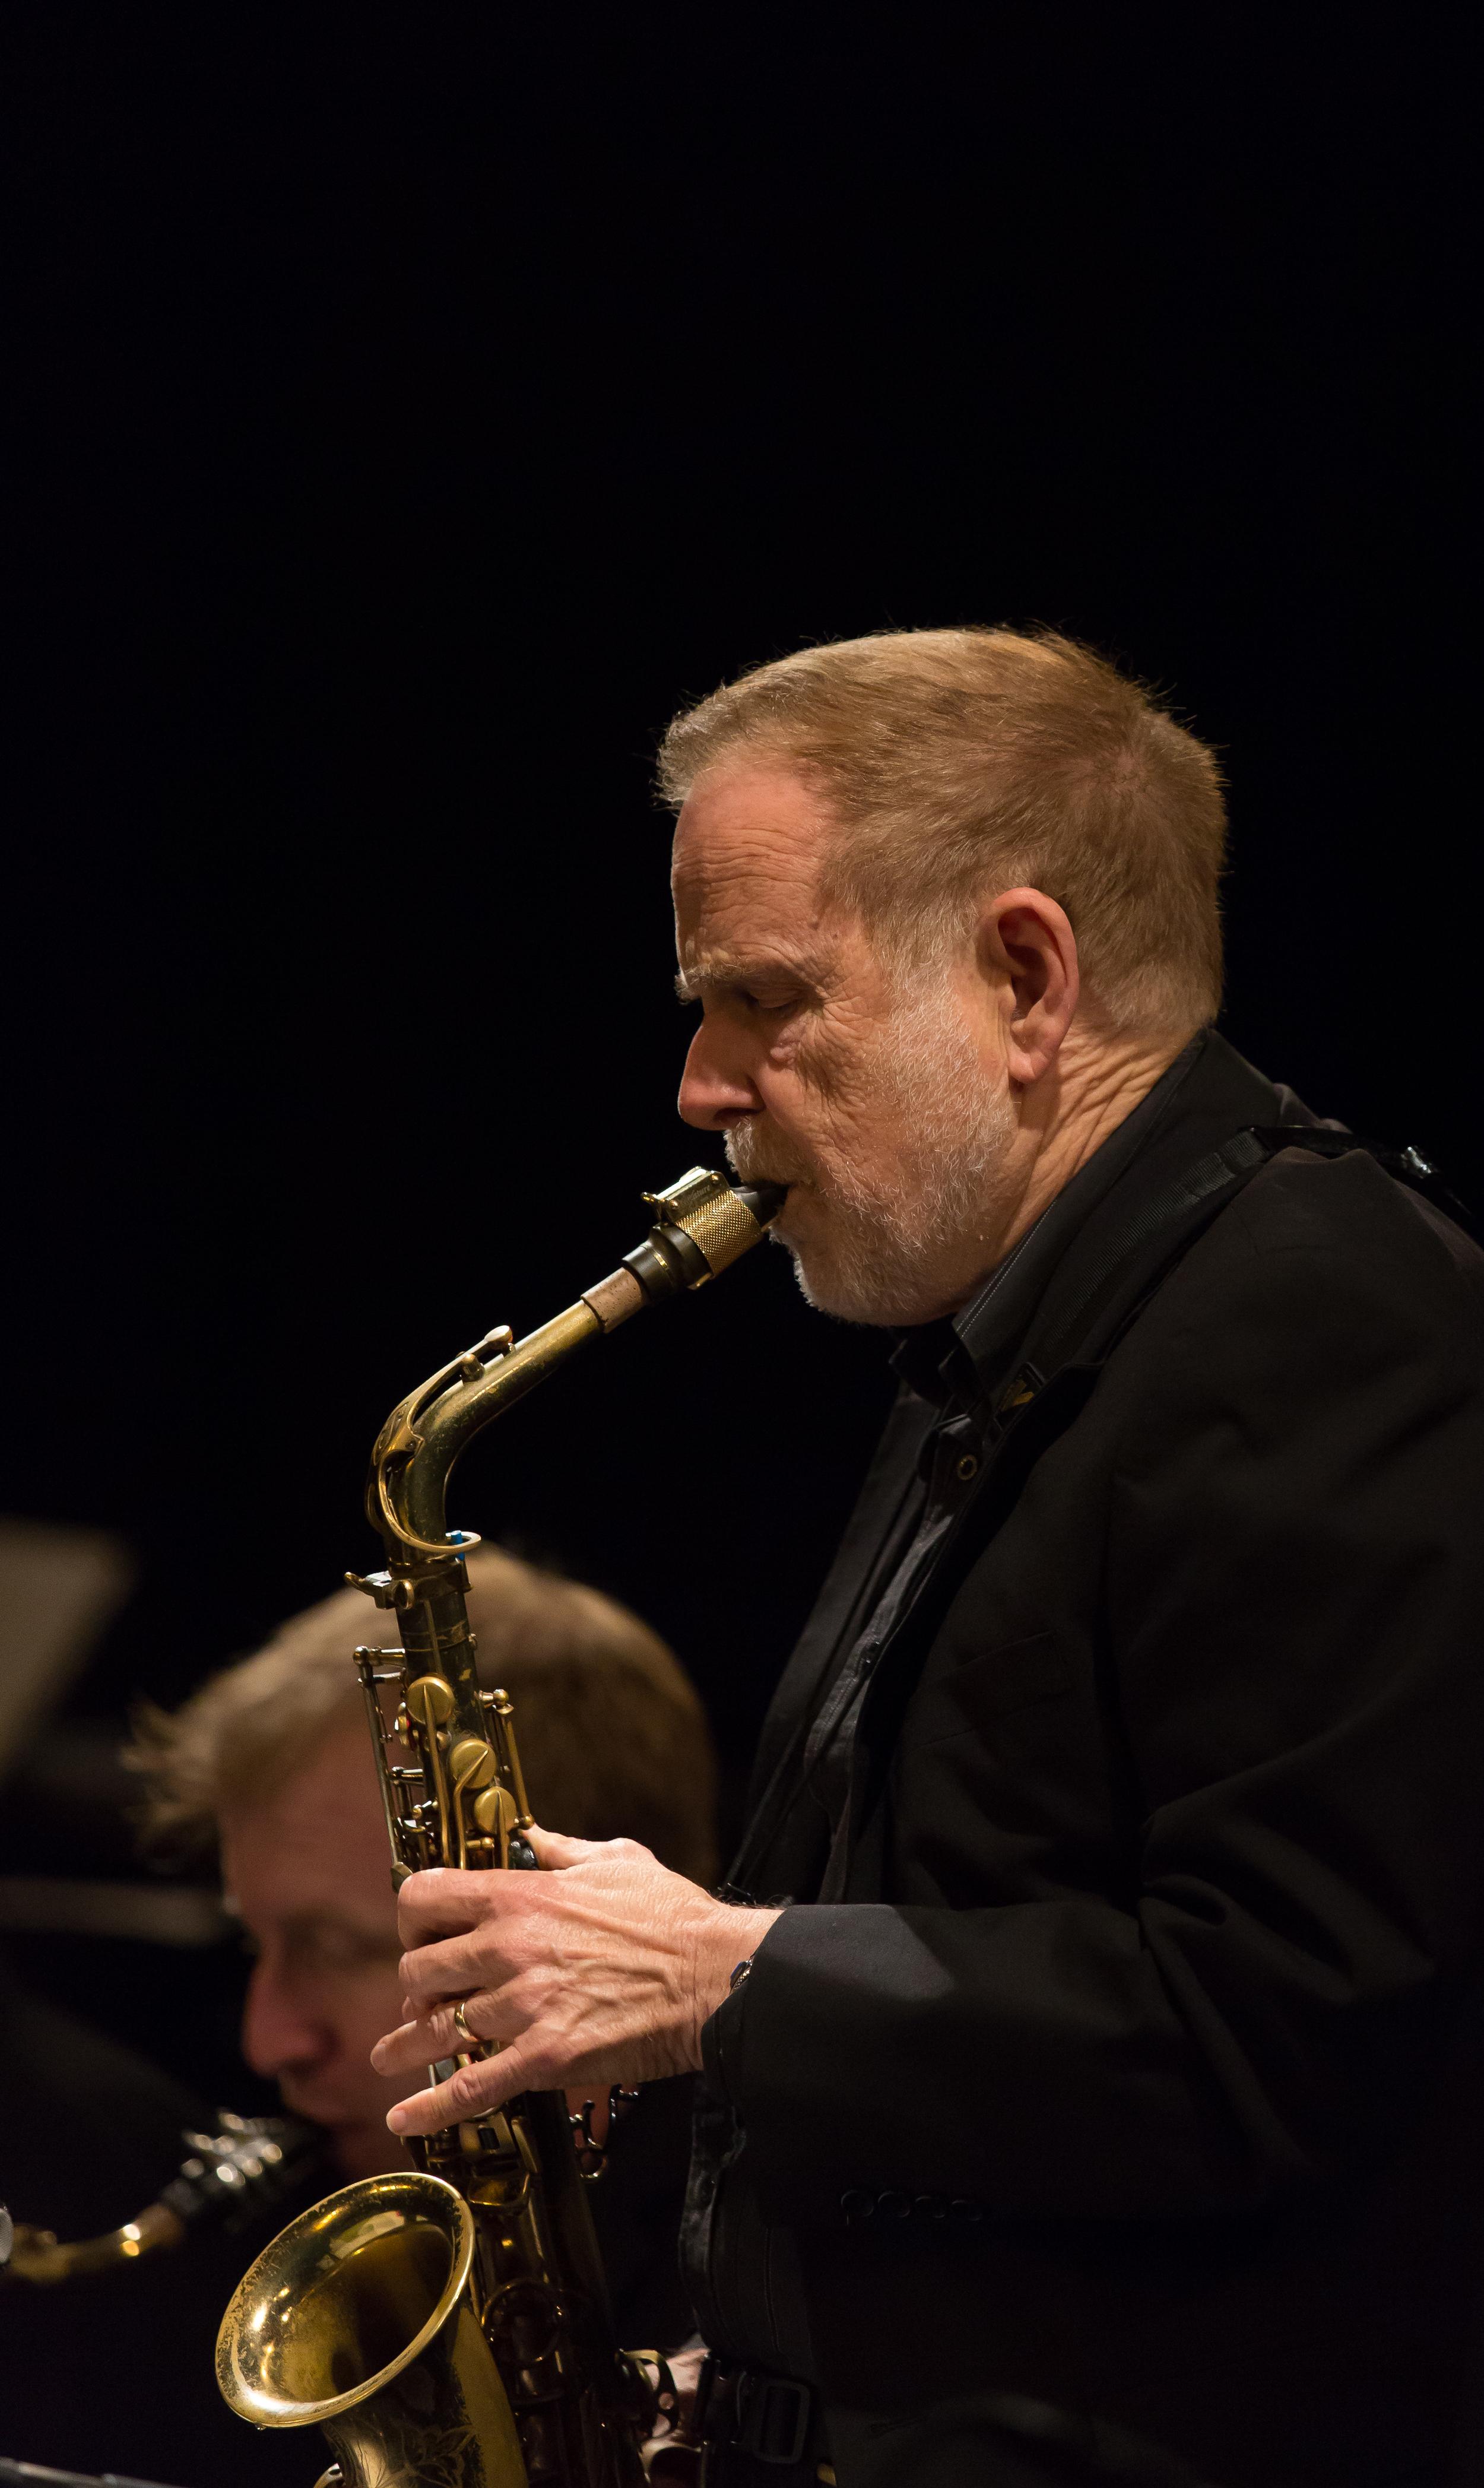 Kim RIchmond, alto sax